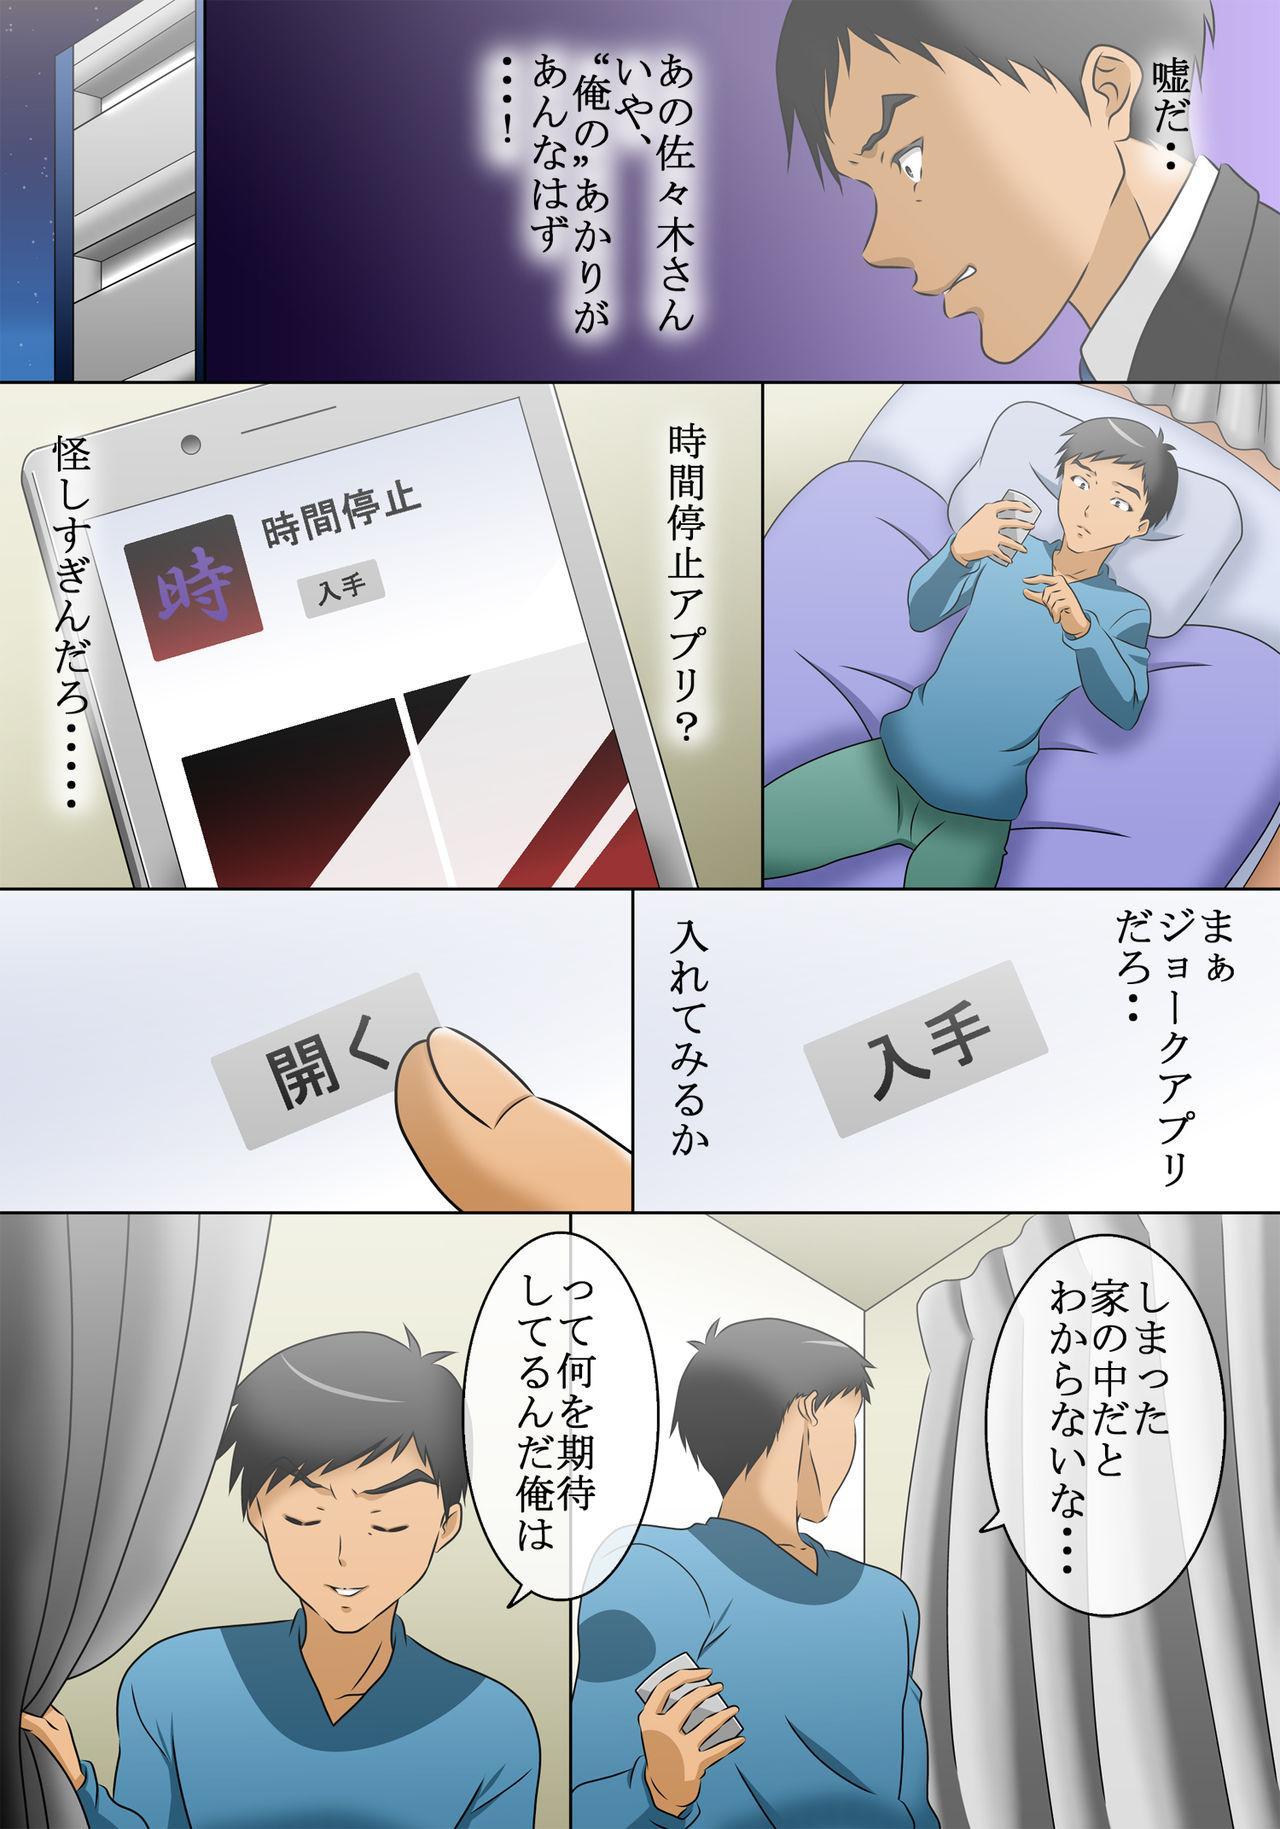 jikan teishi wo kaijo shitara 4